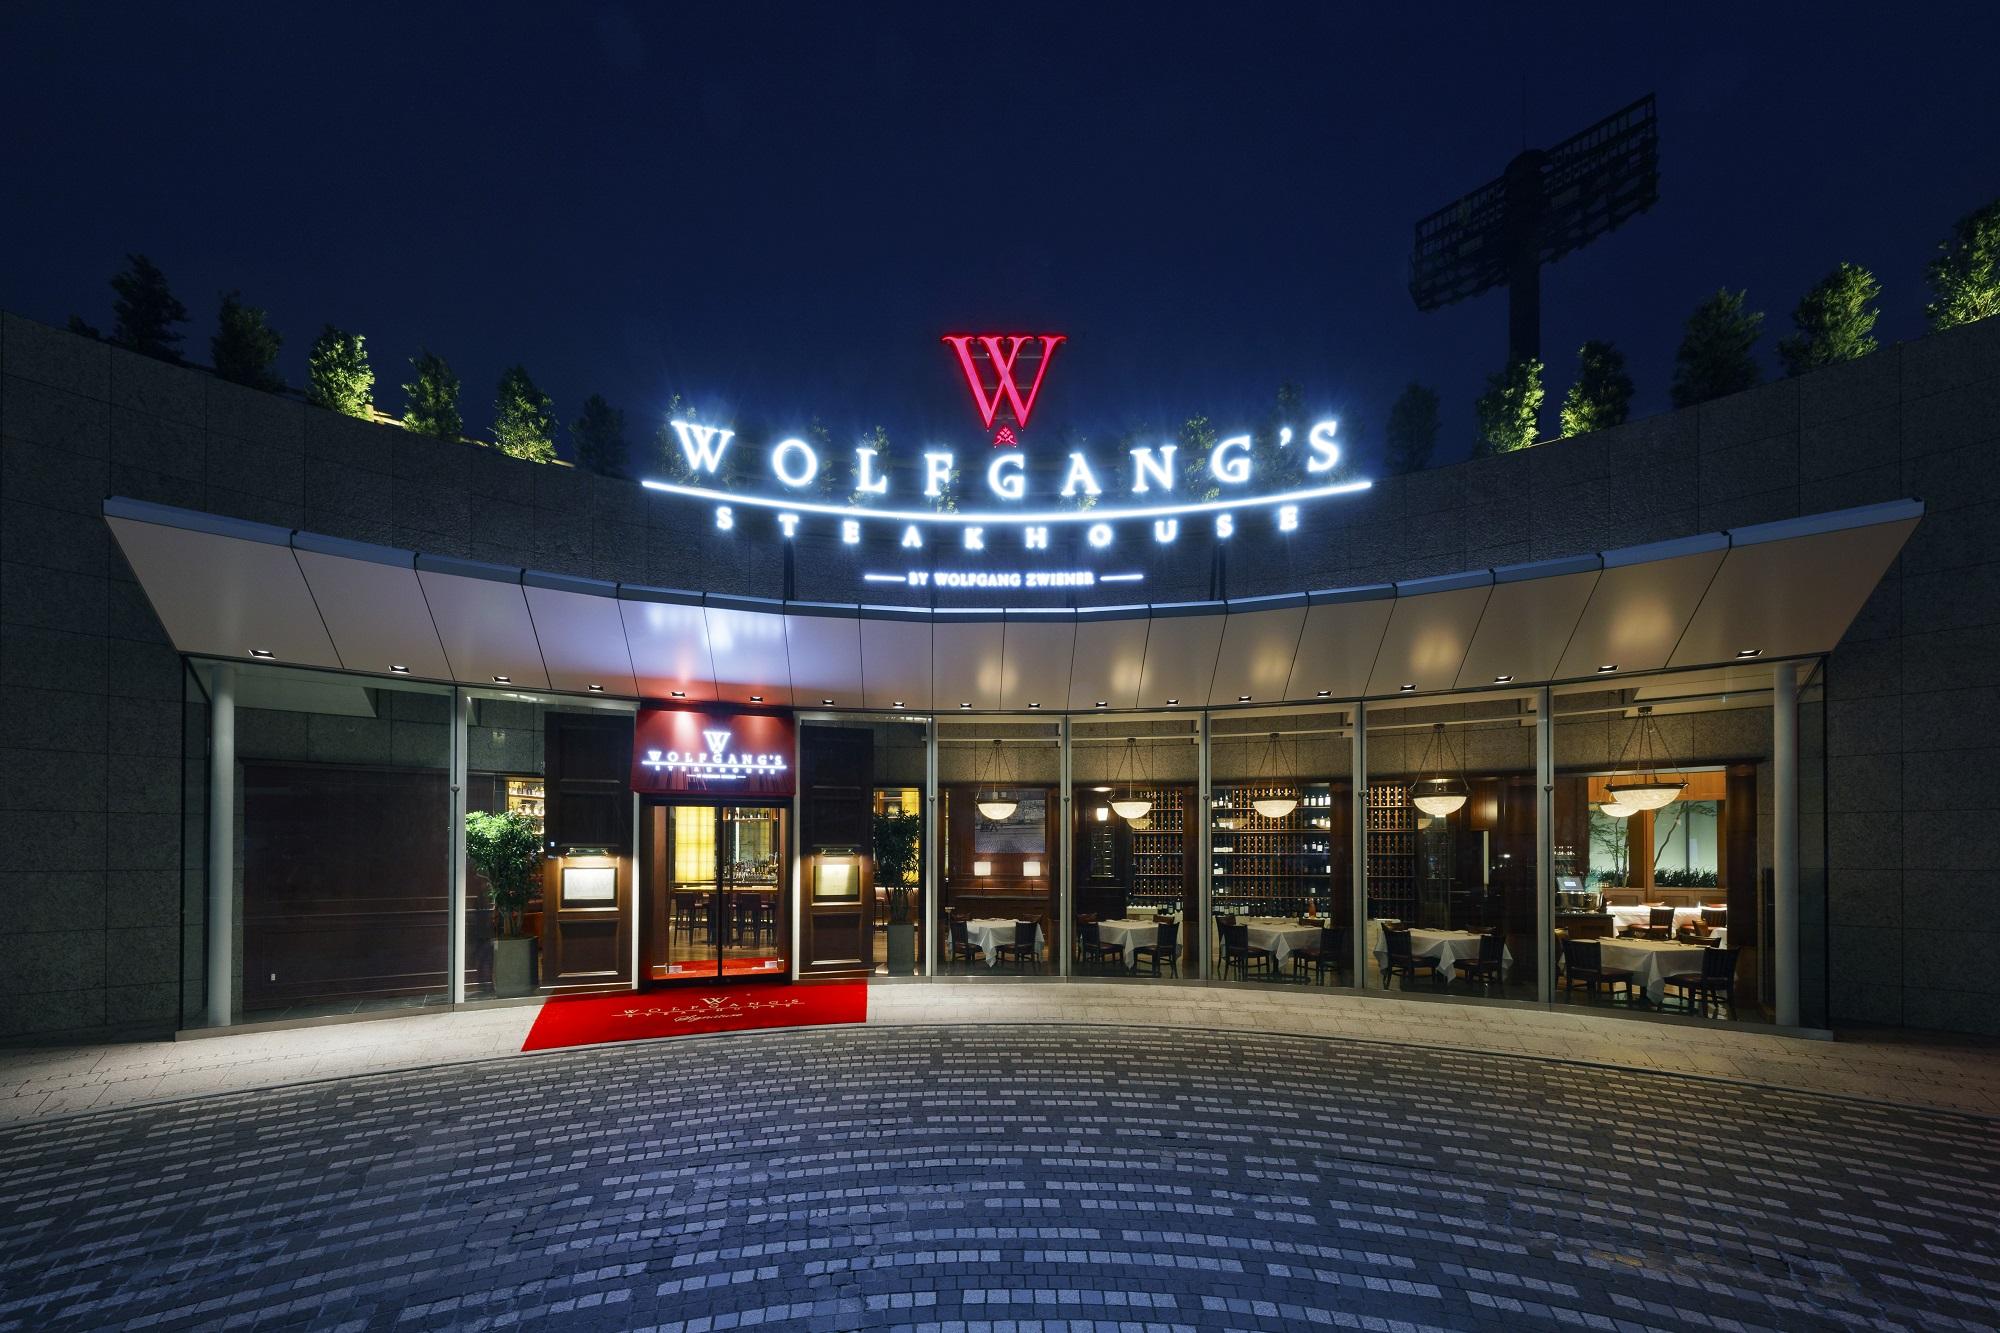 ウルフギャング・ステーキハウス シグニチャー青山店